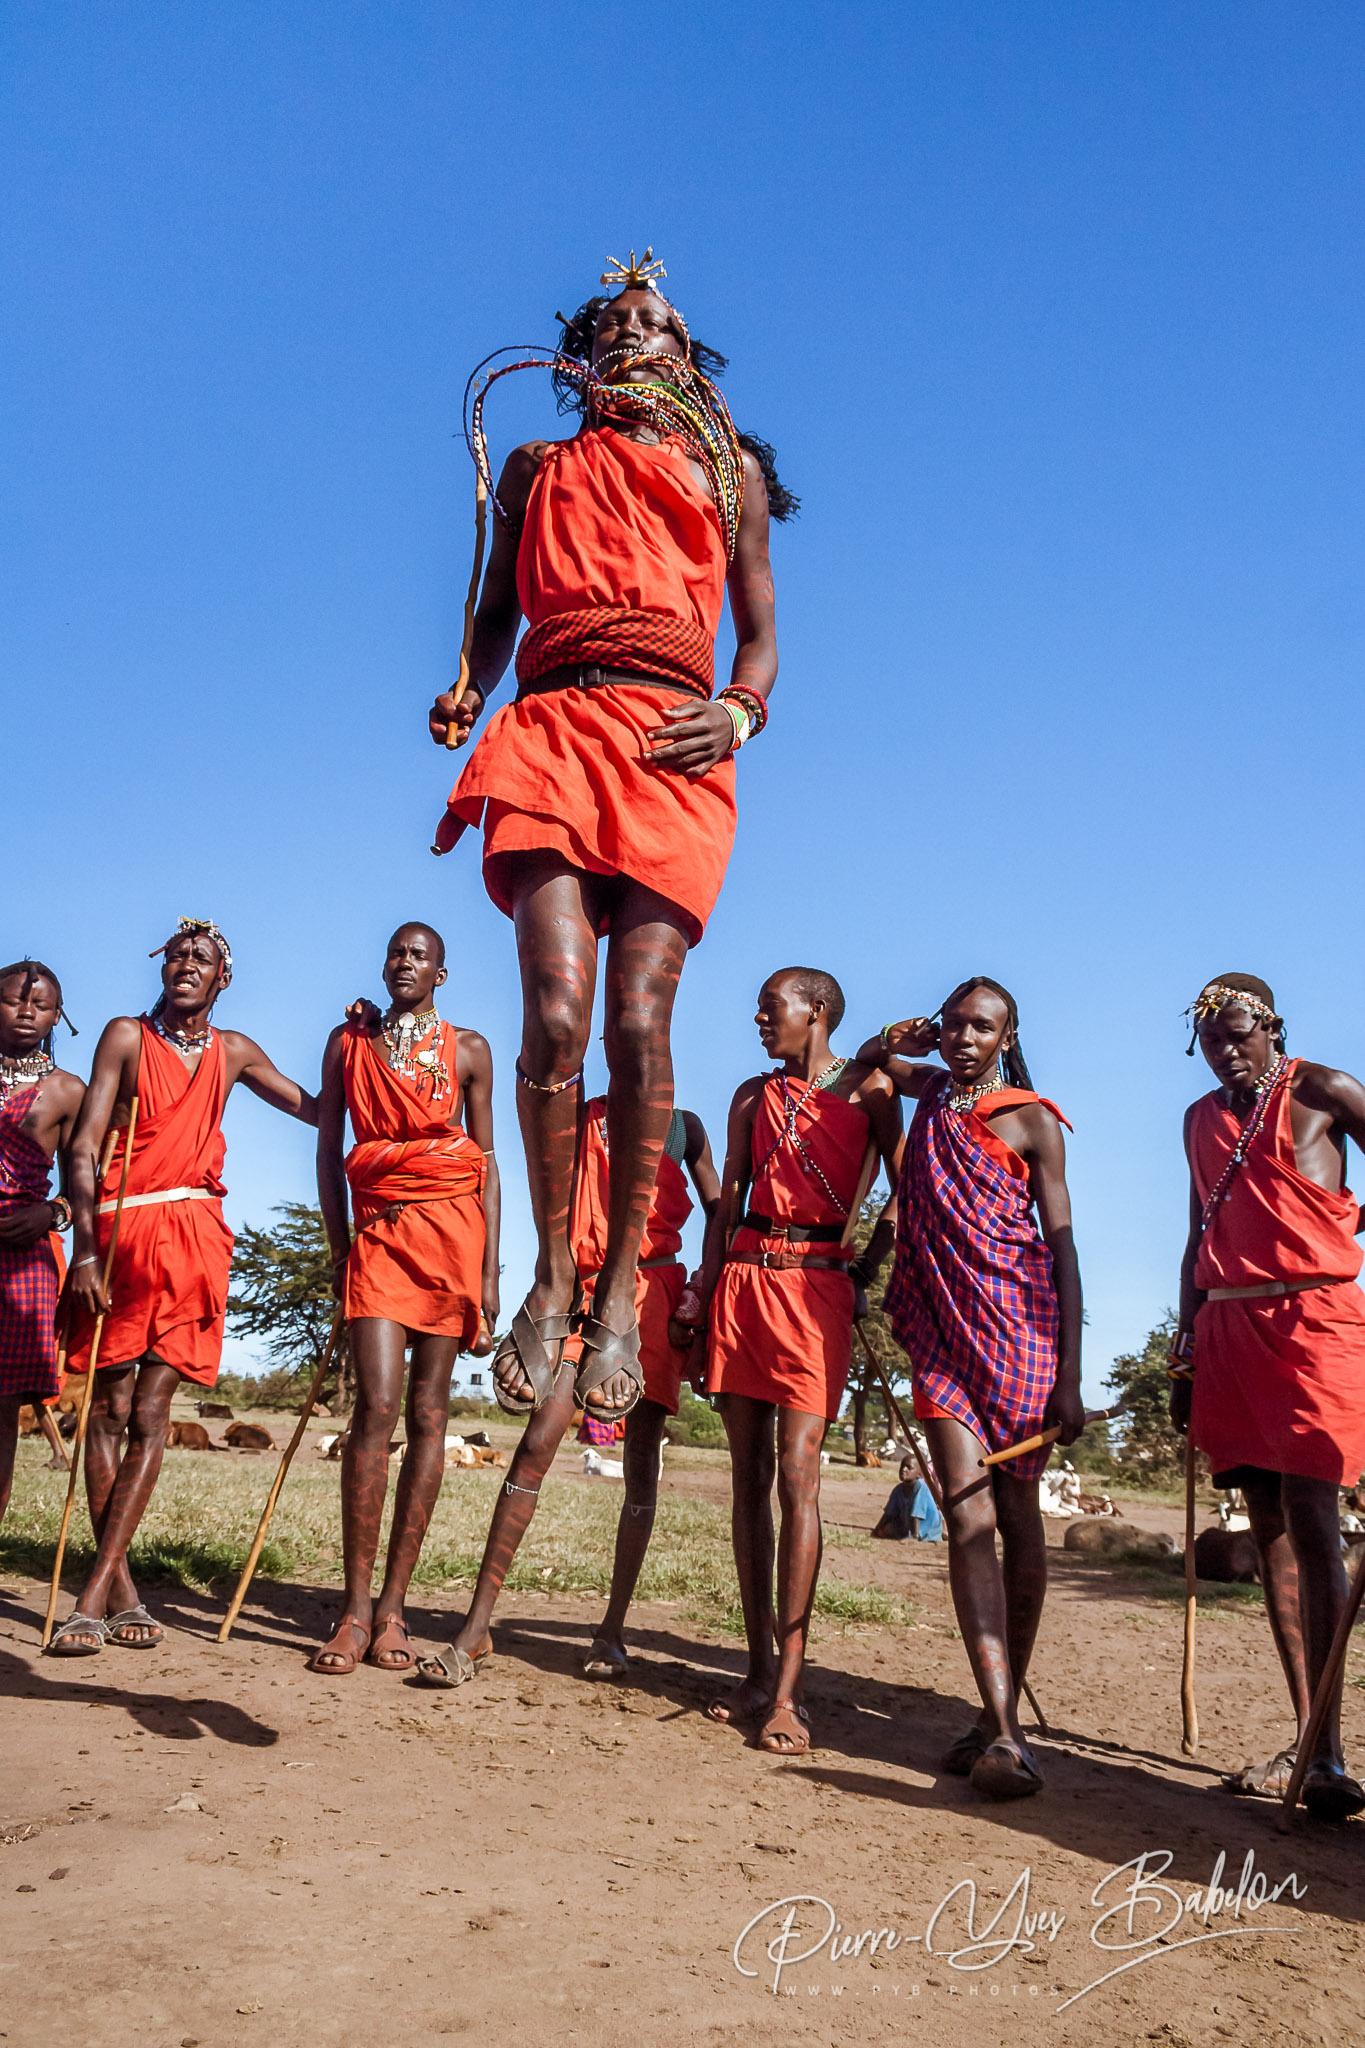 Guerriers Masaï du Kenya en costume traditionnel sautant lors d'un rituel.